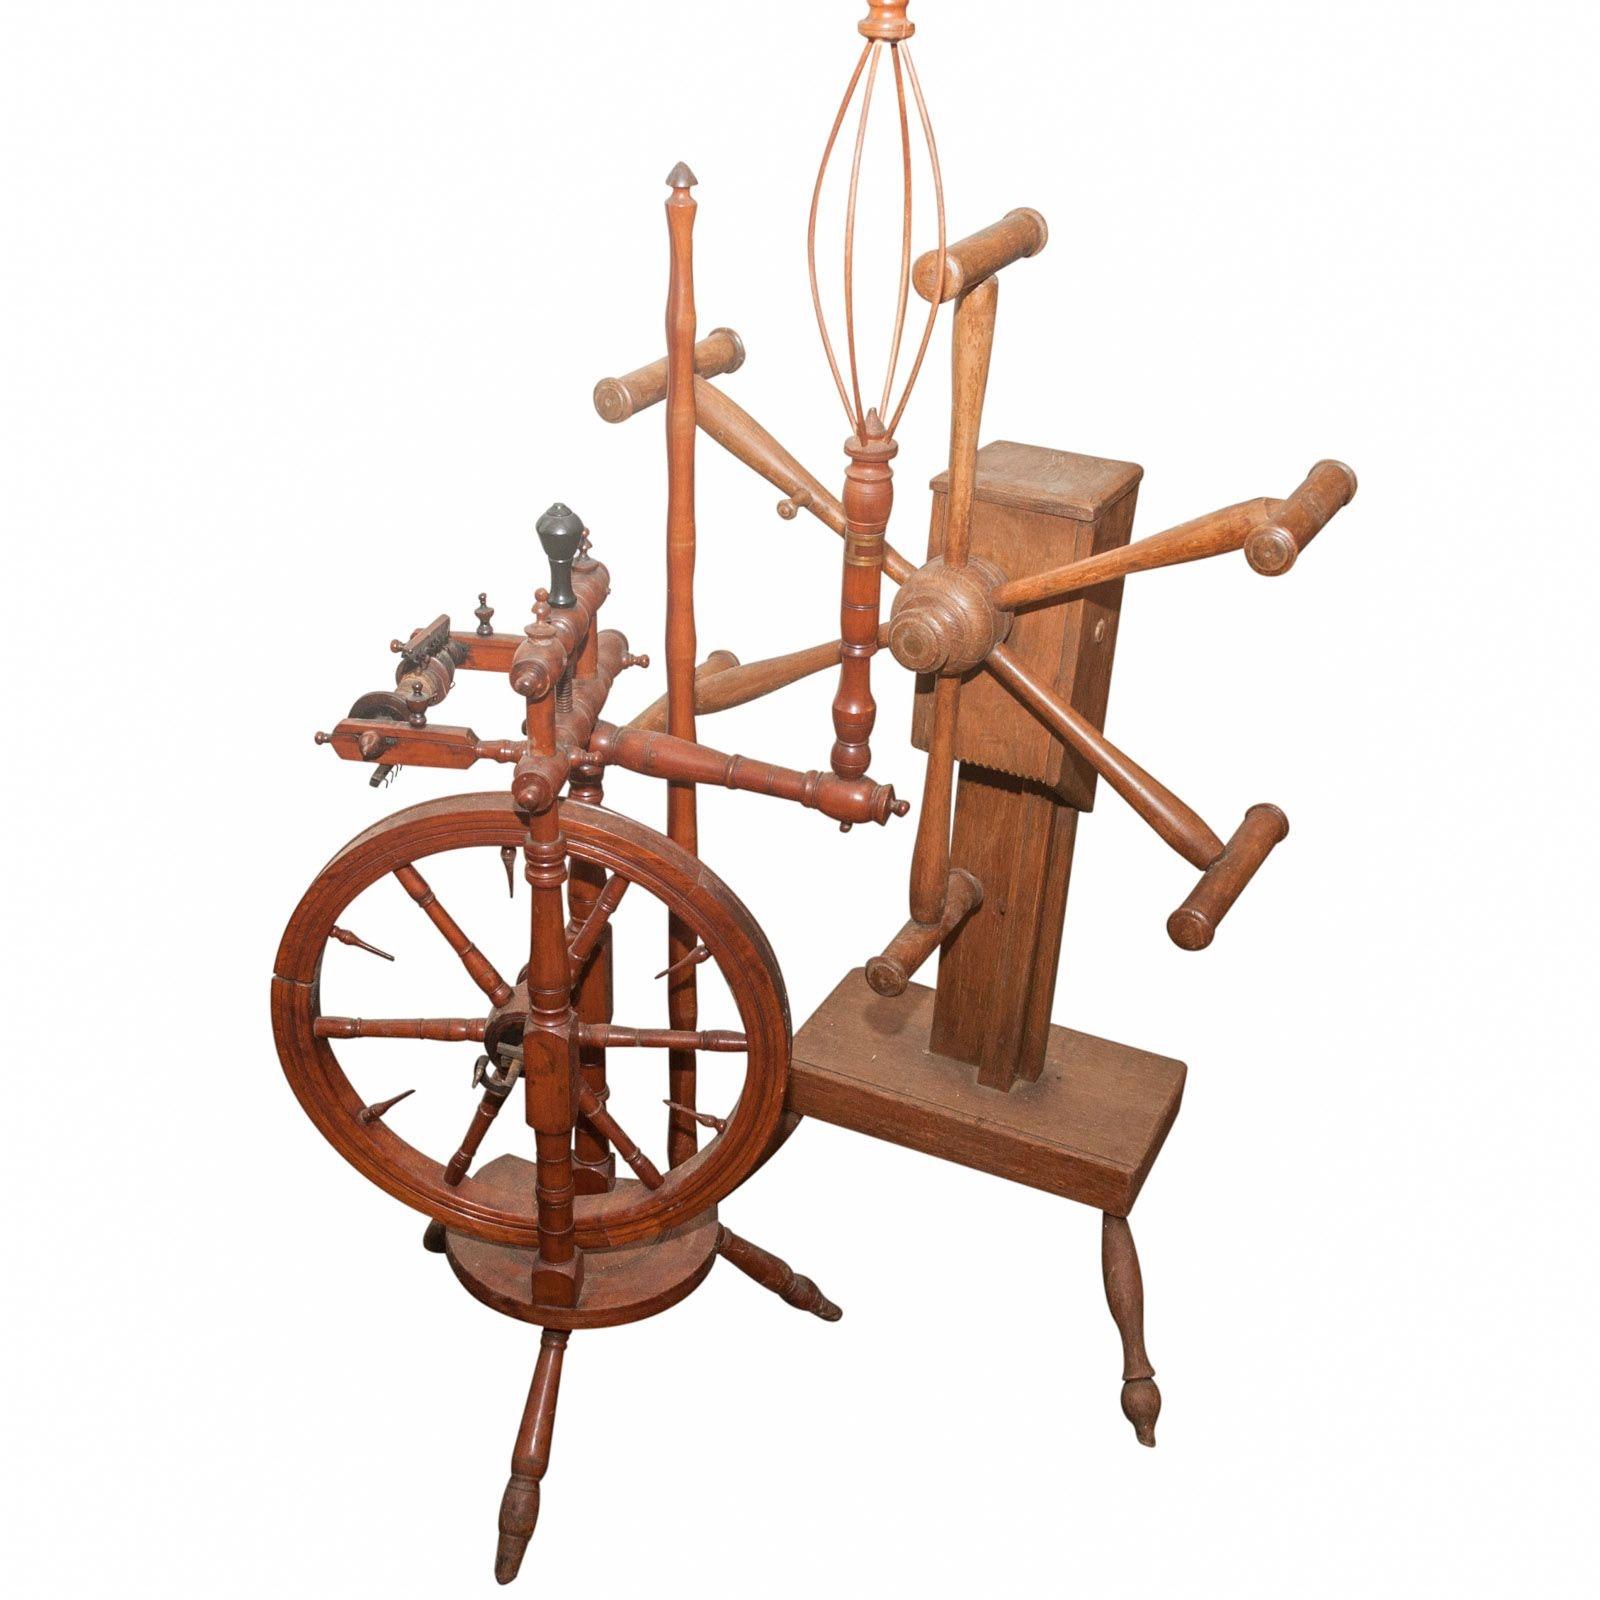 Antique Spinning Wheel and Skein Winder